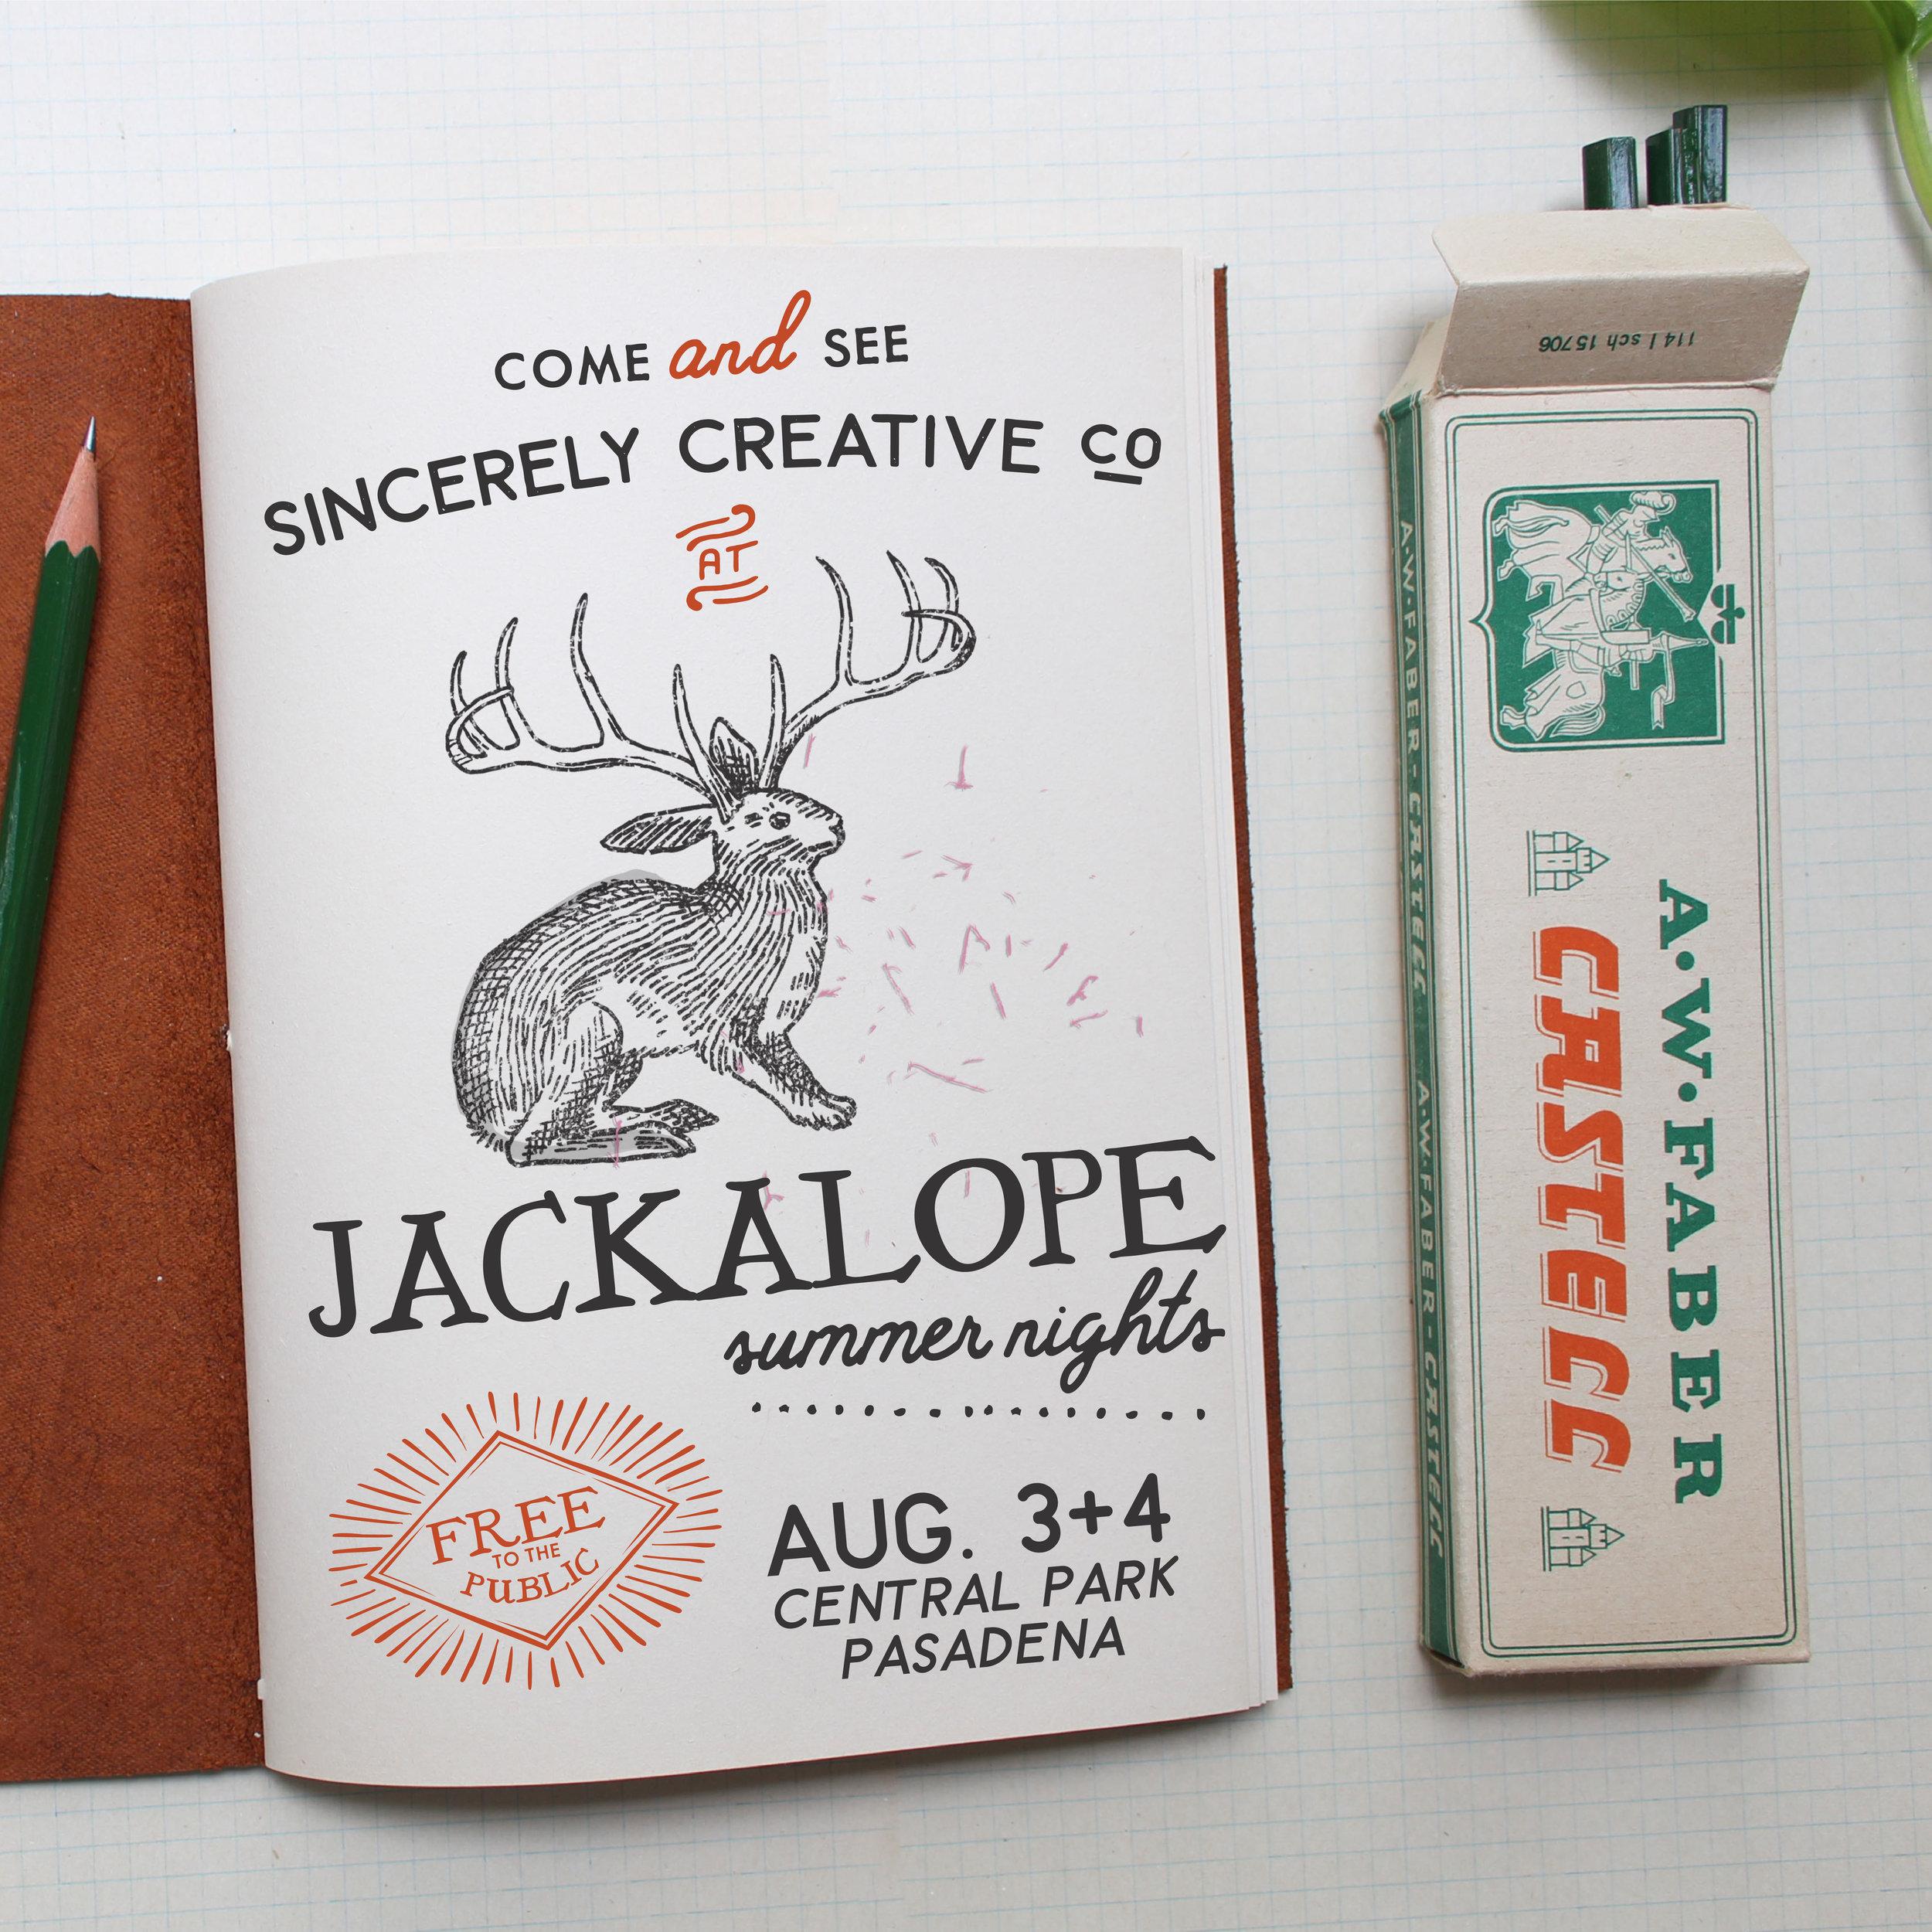 SCCO at Jackalope